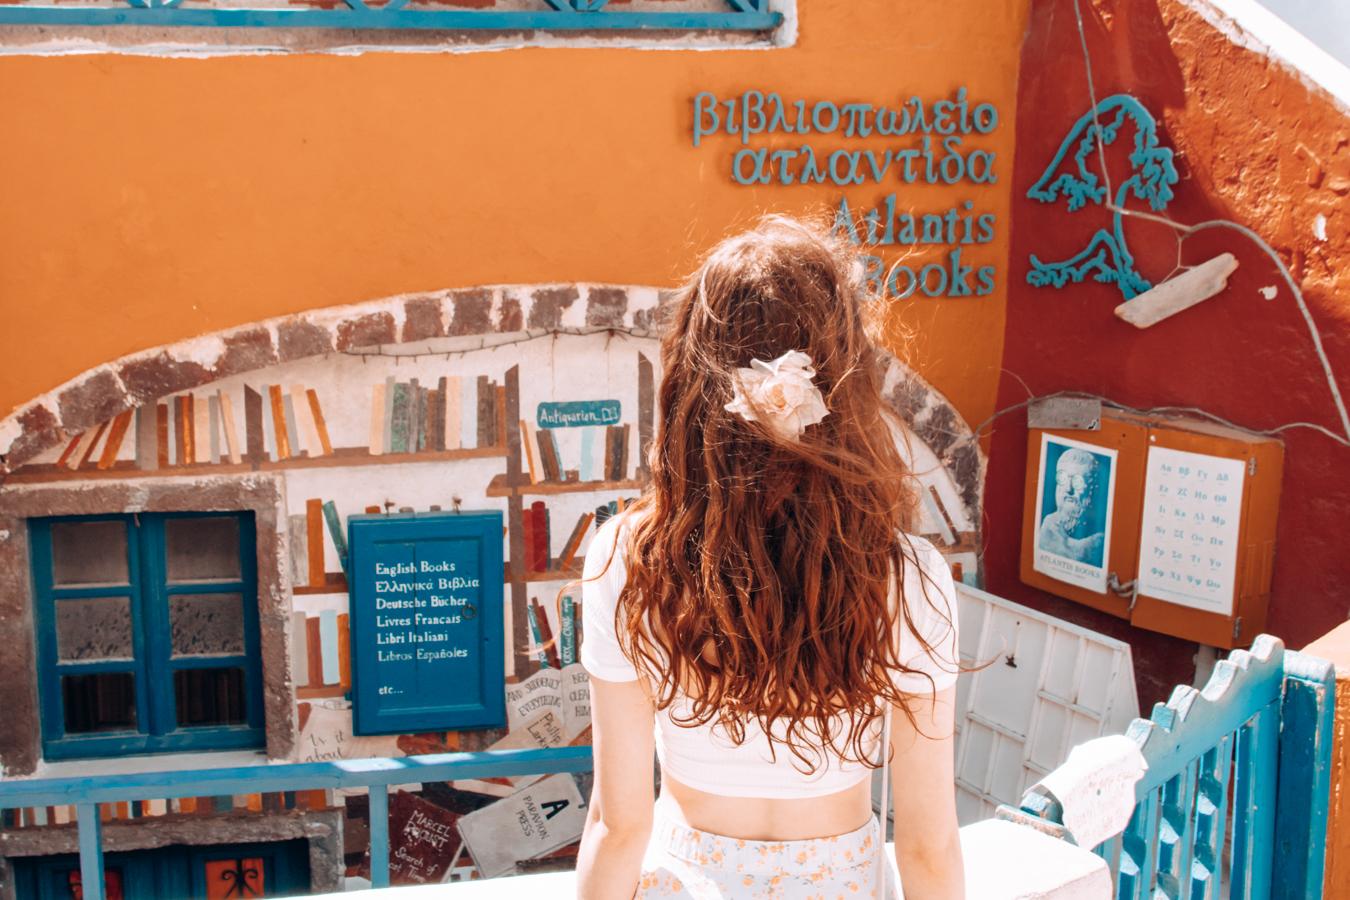 Book shop in Santorini